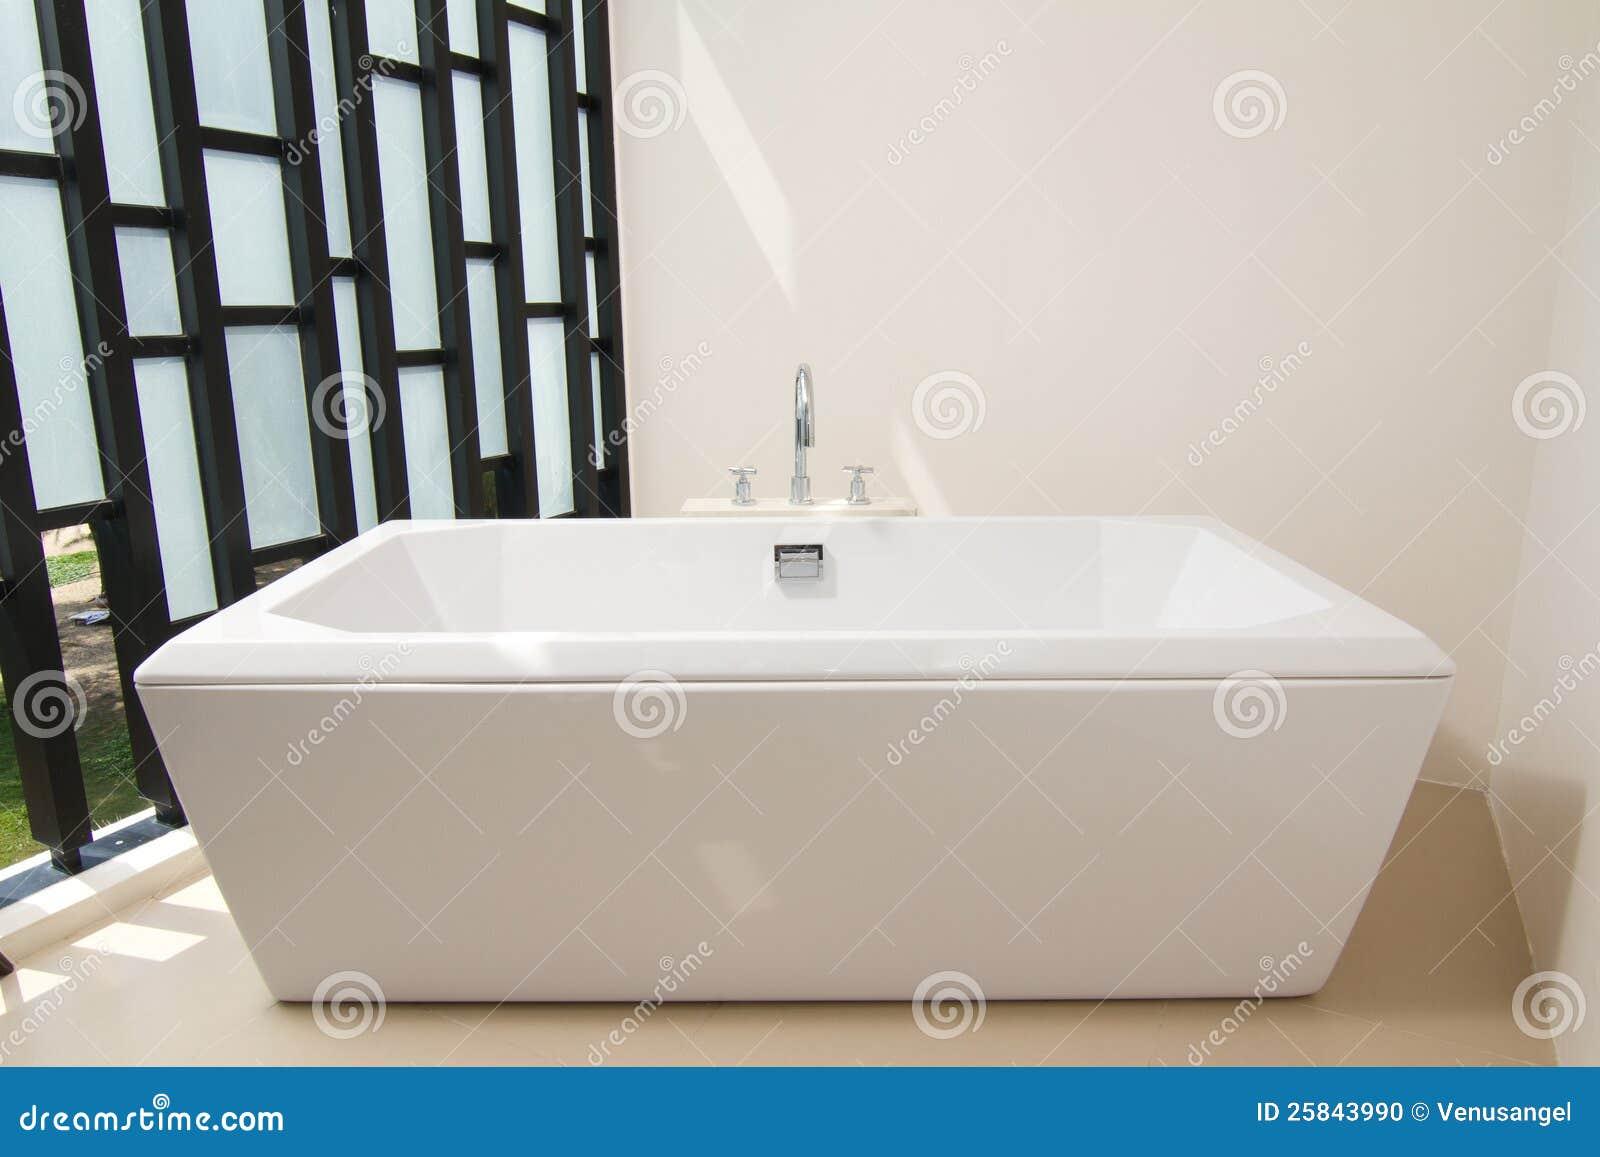 Mitigeur thermostatique douche encastrable pas cher - Mitigeur thermostatique douche pas cher ...